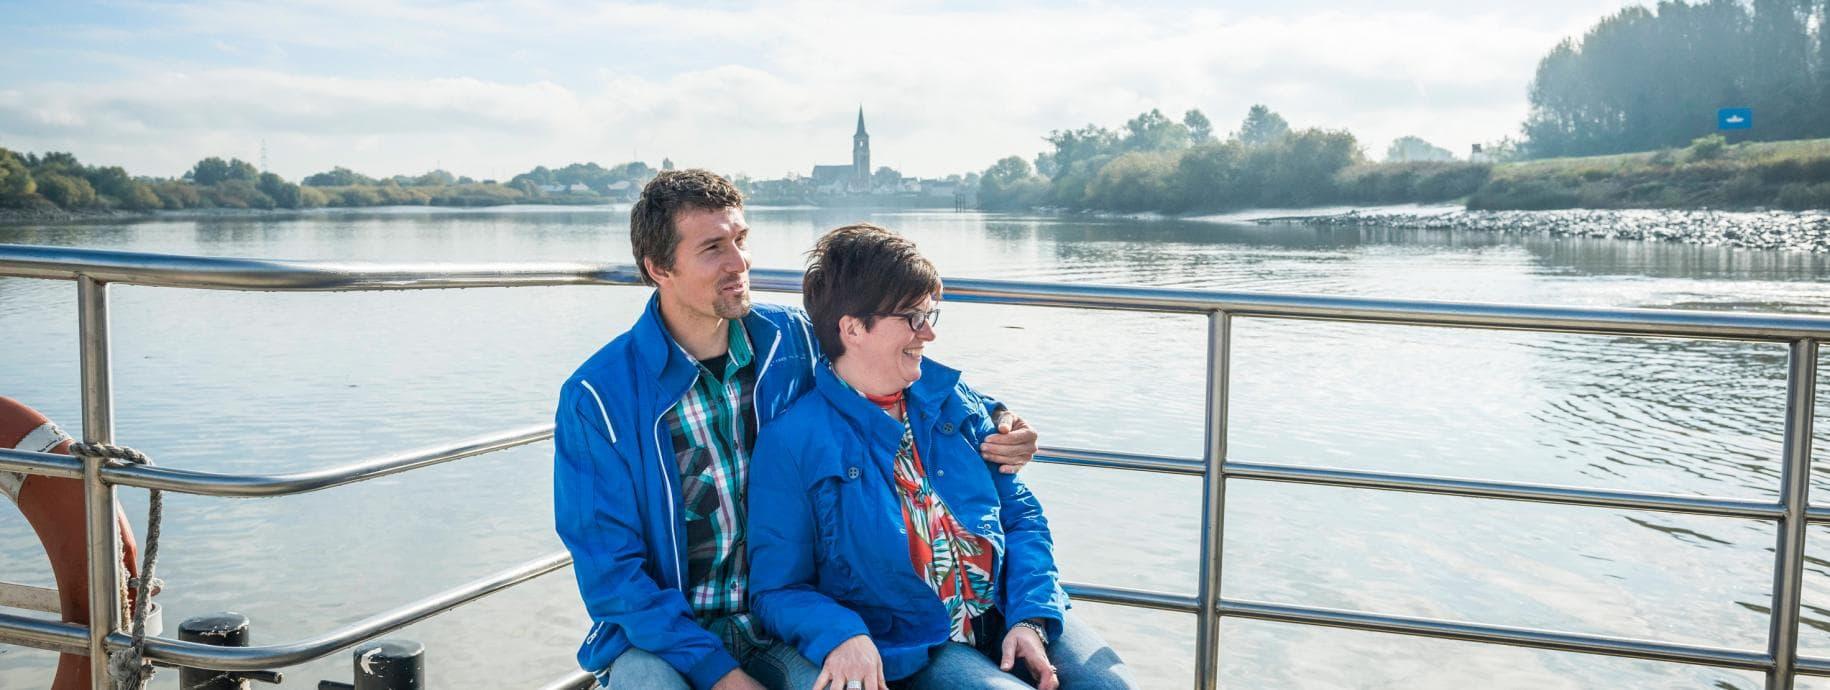 Gratis Hookup Sites Vlaanderen Vakantieland Zoeken